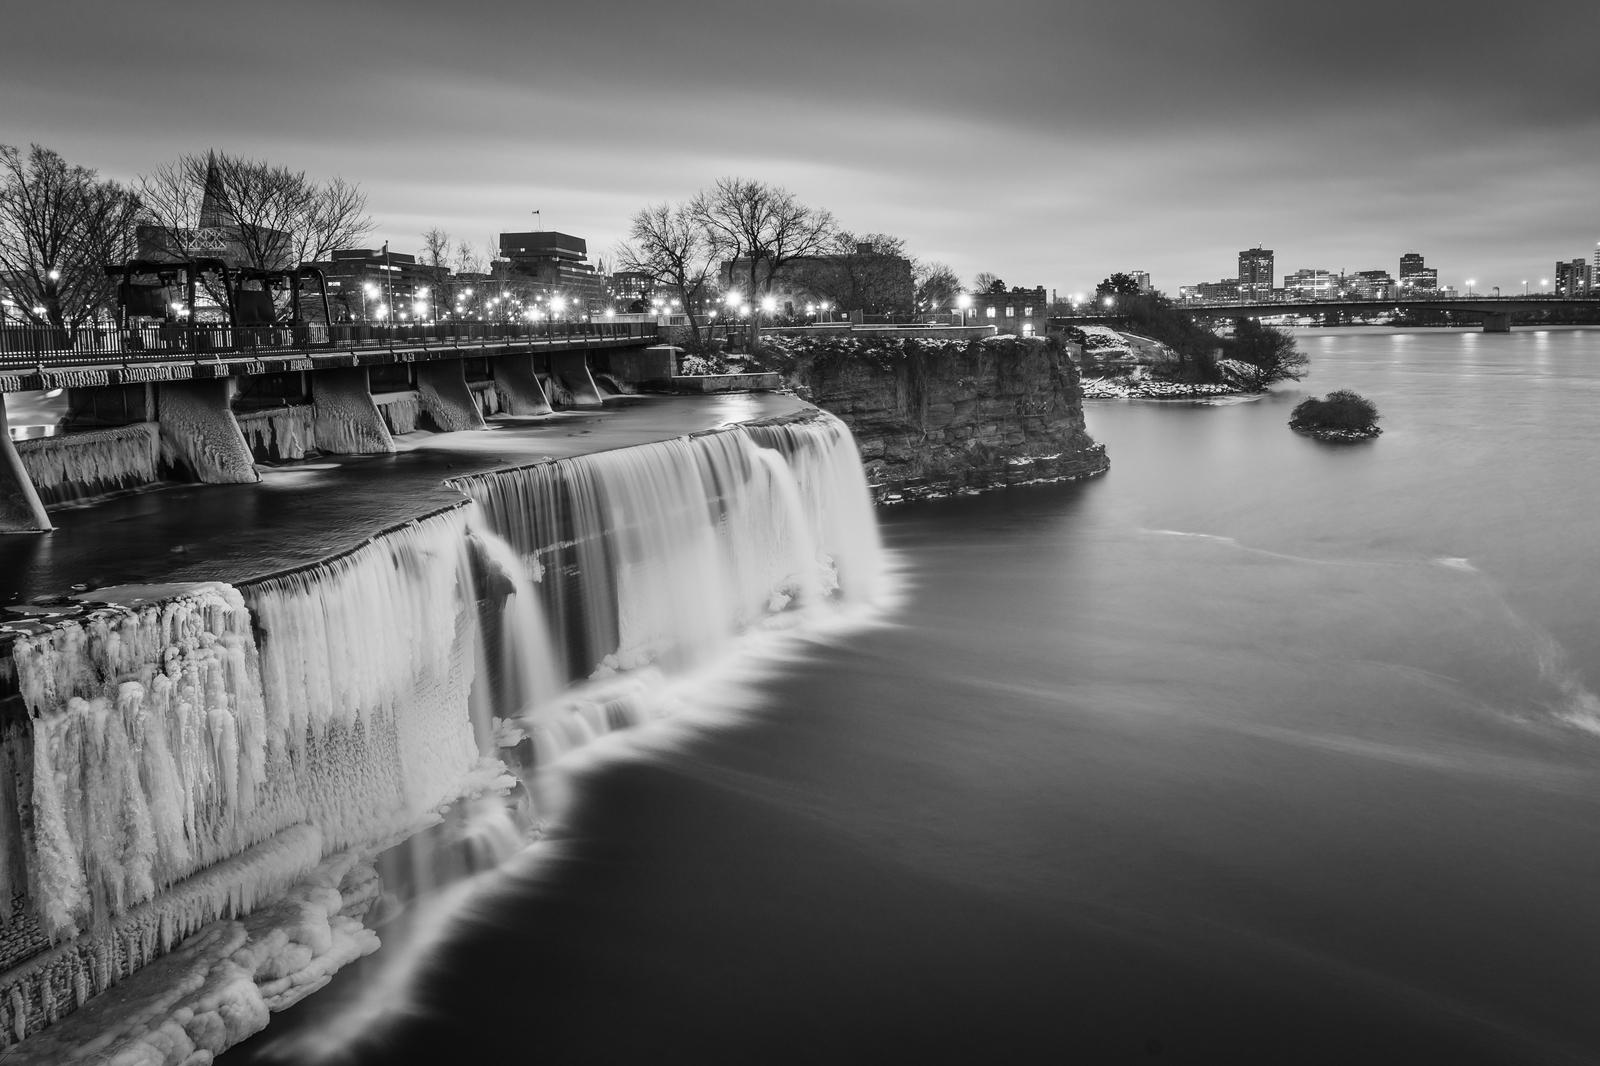 The Rideau Falls